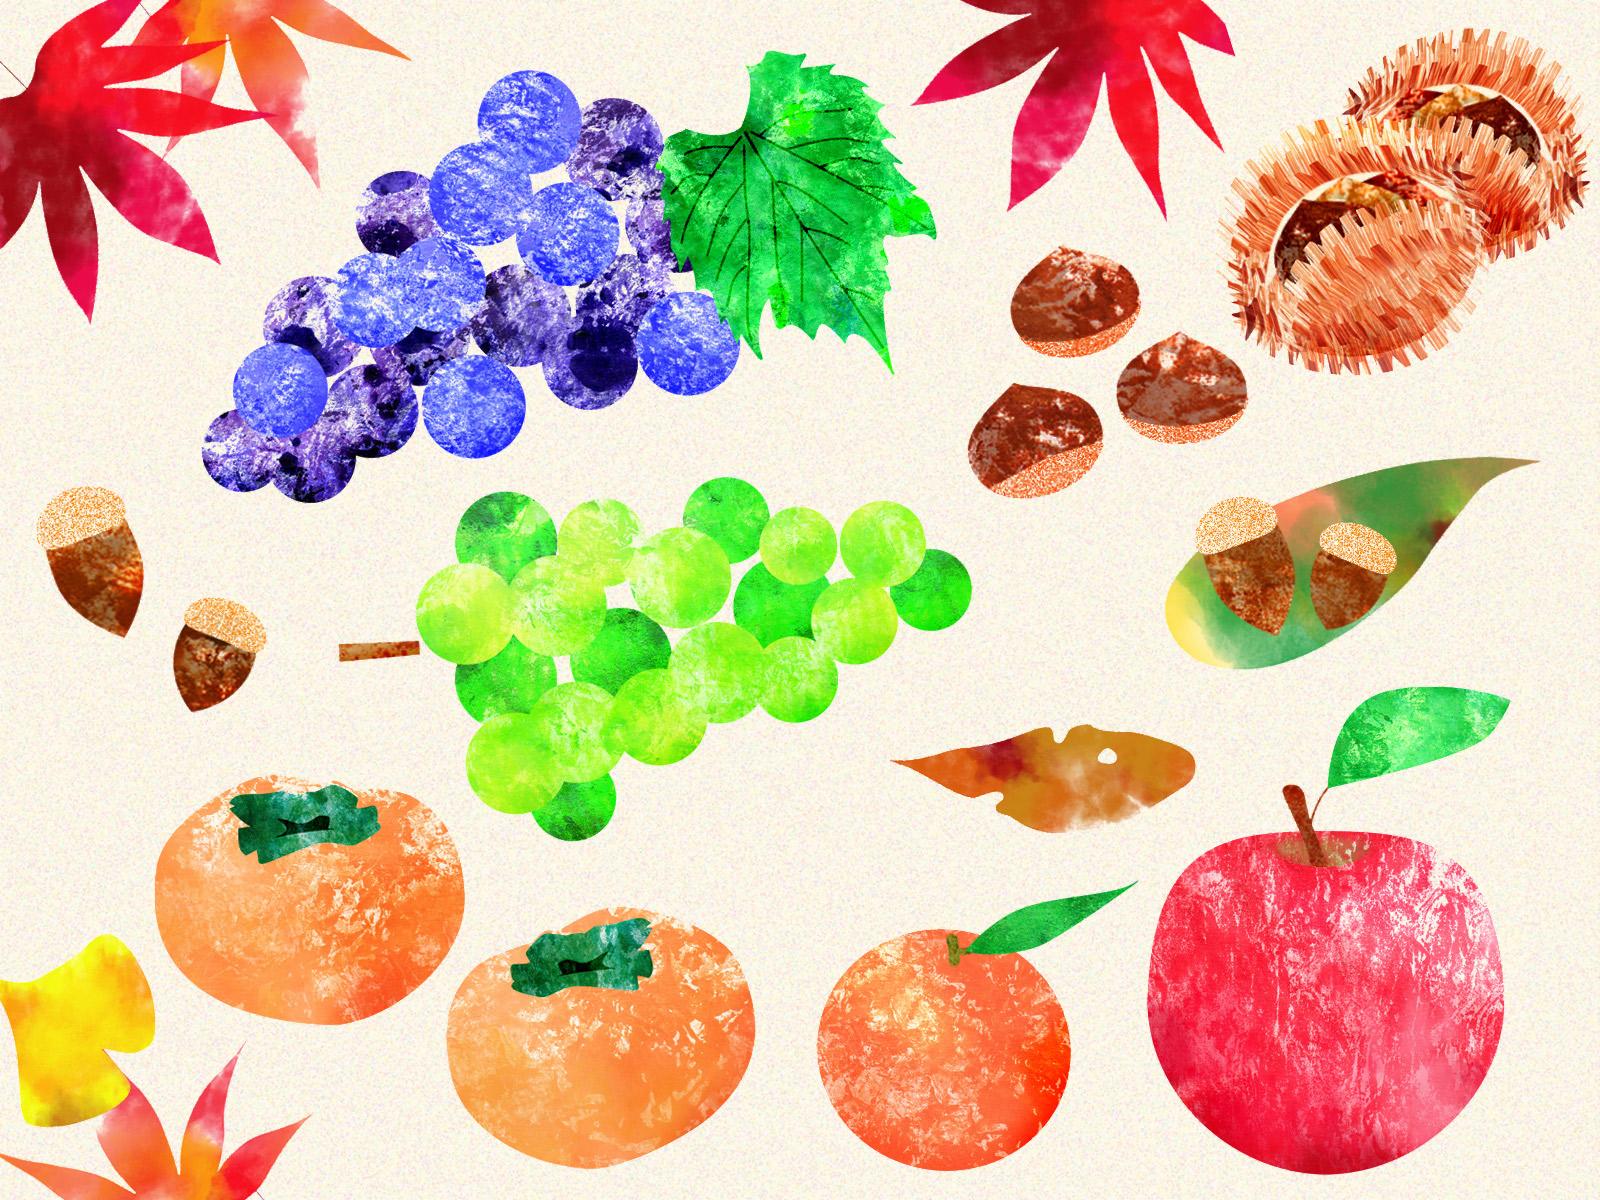 旬のデータ 秋の果物